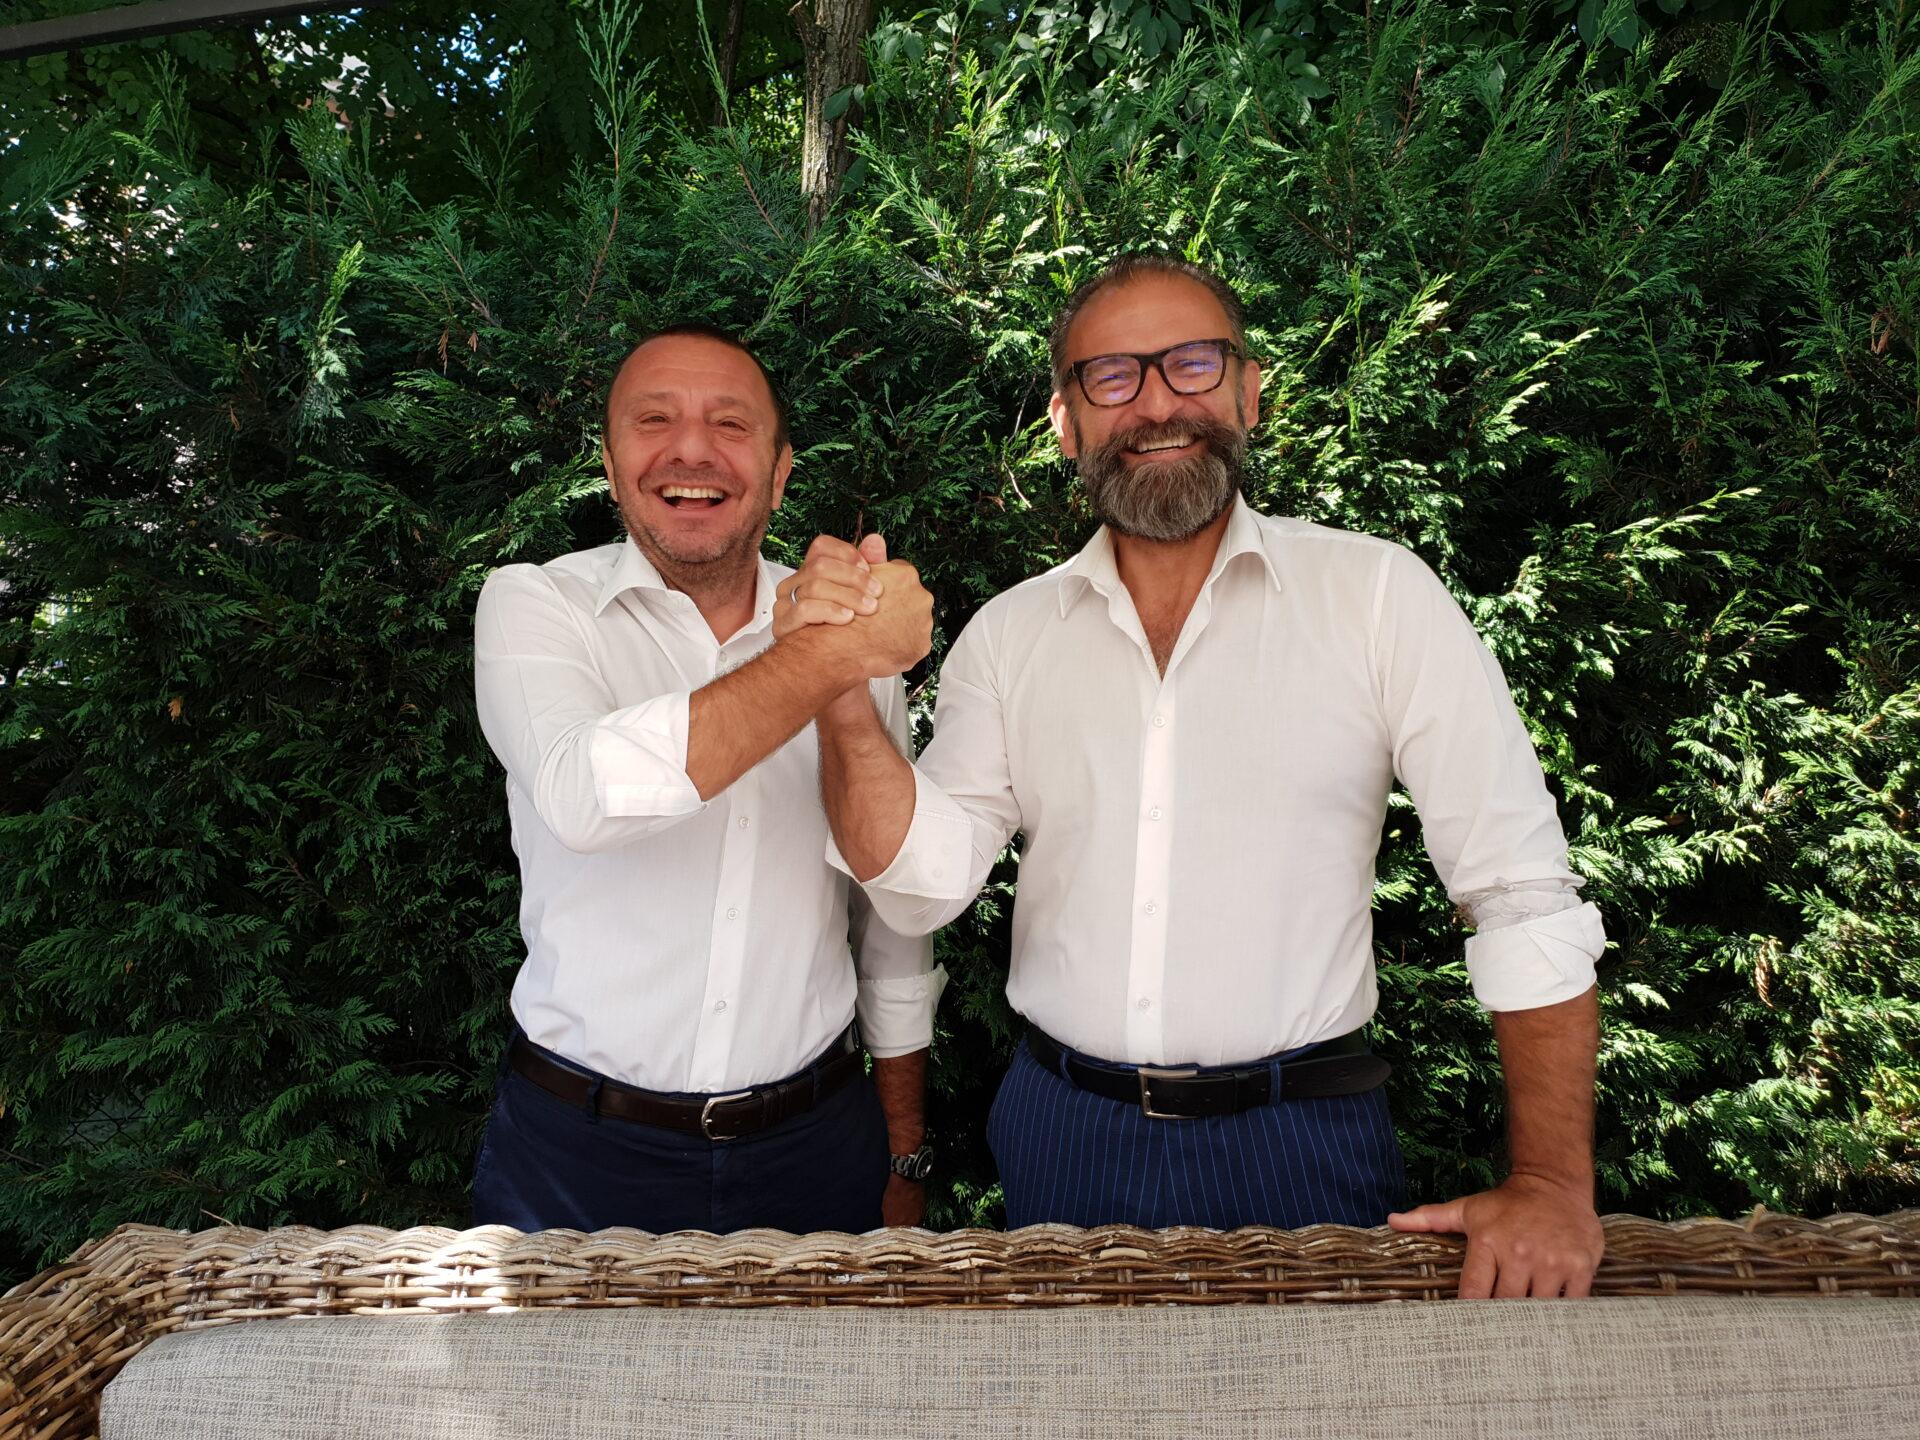 Balducci e Girardini